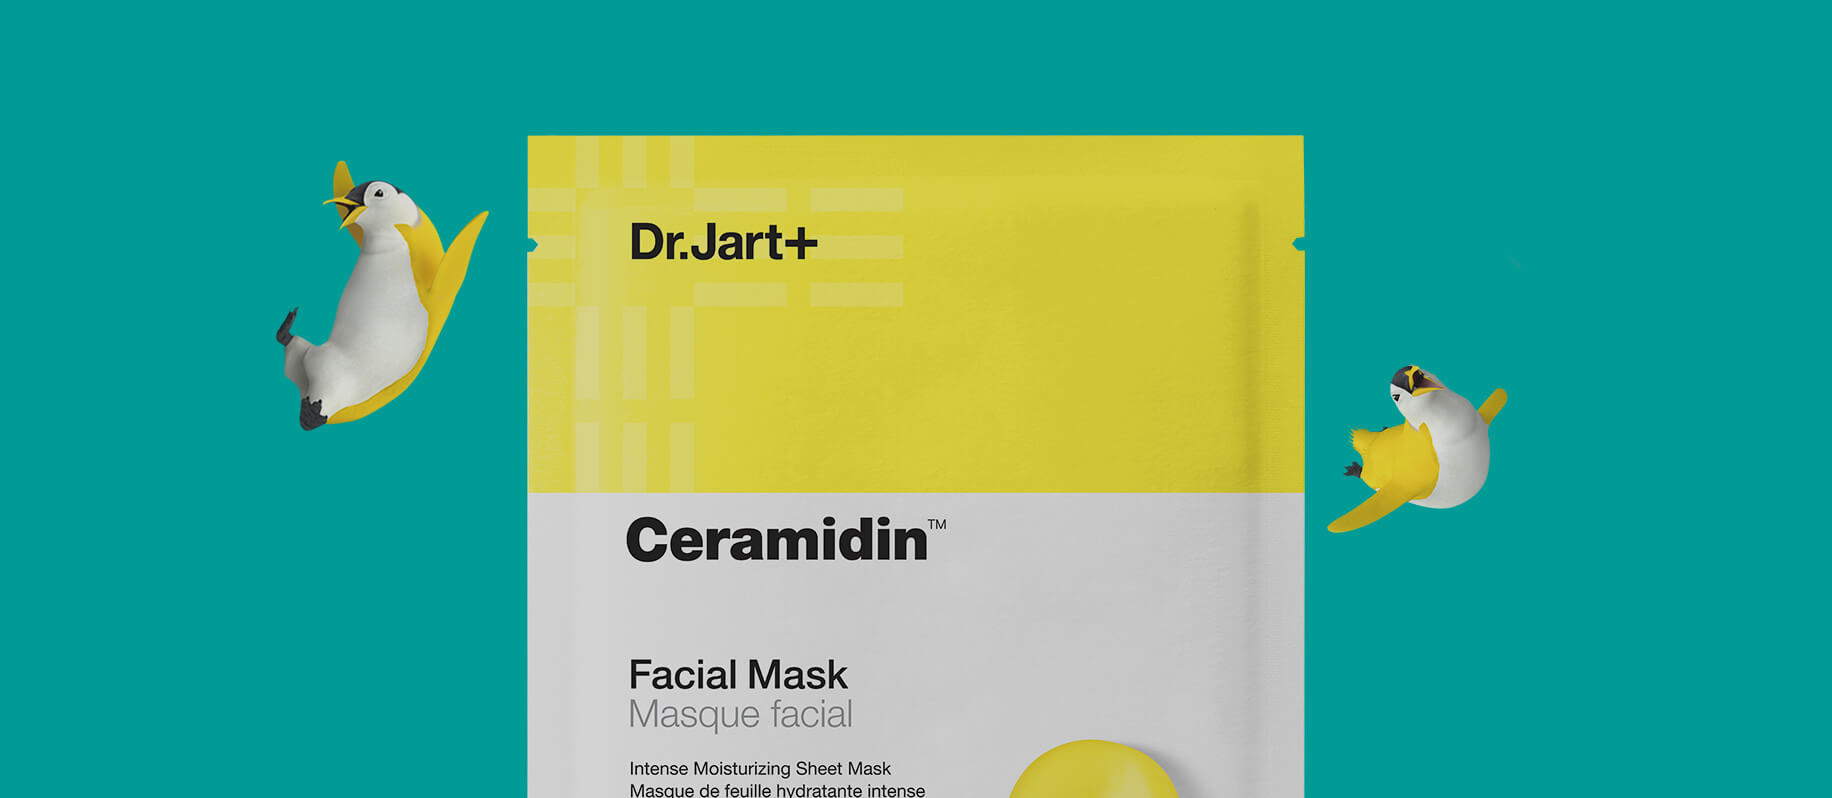 dr-jart-ceramidin-mask-desc1.jpg